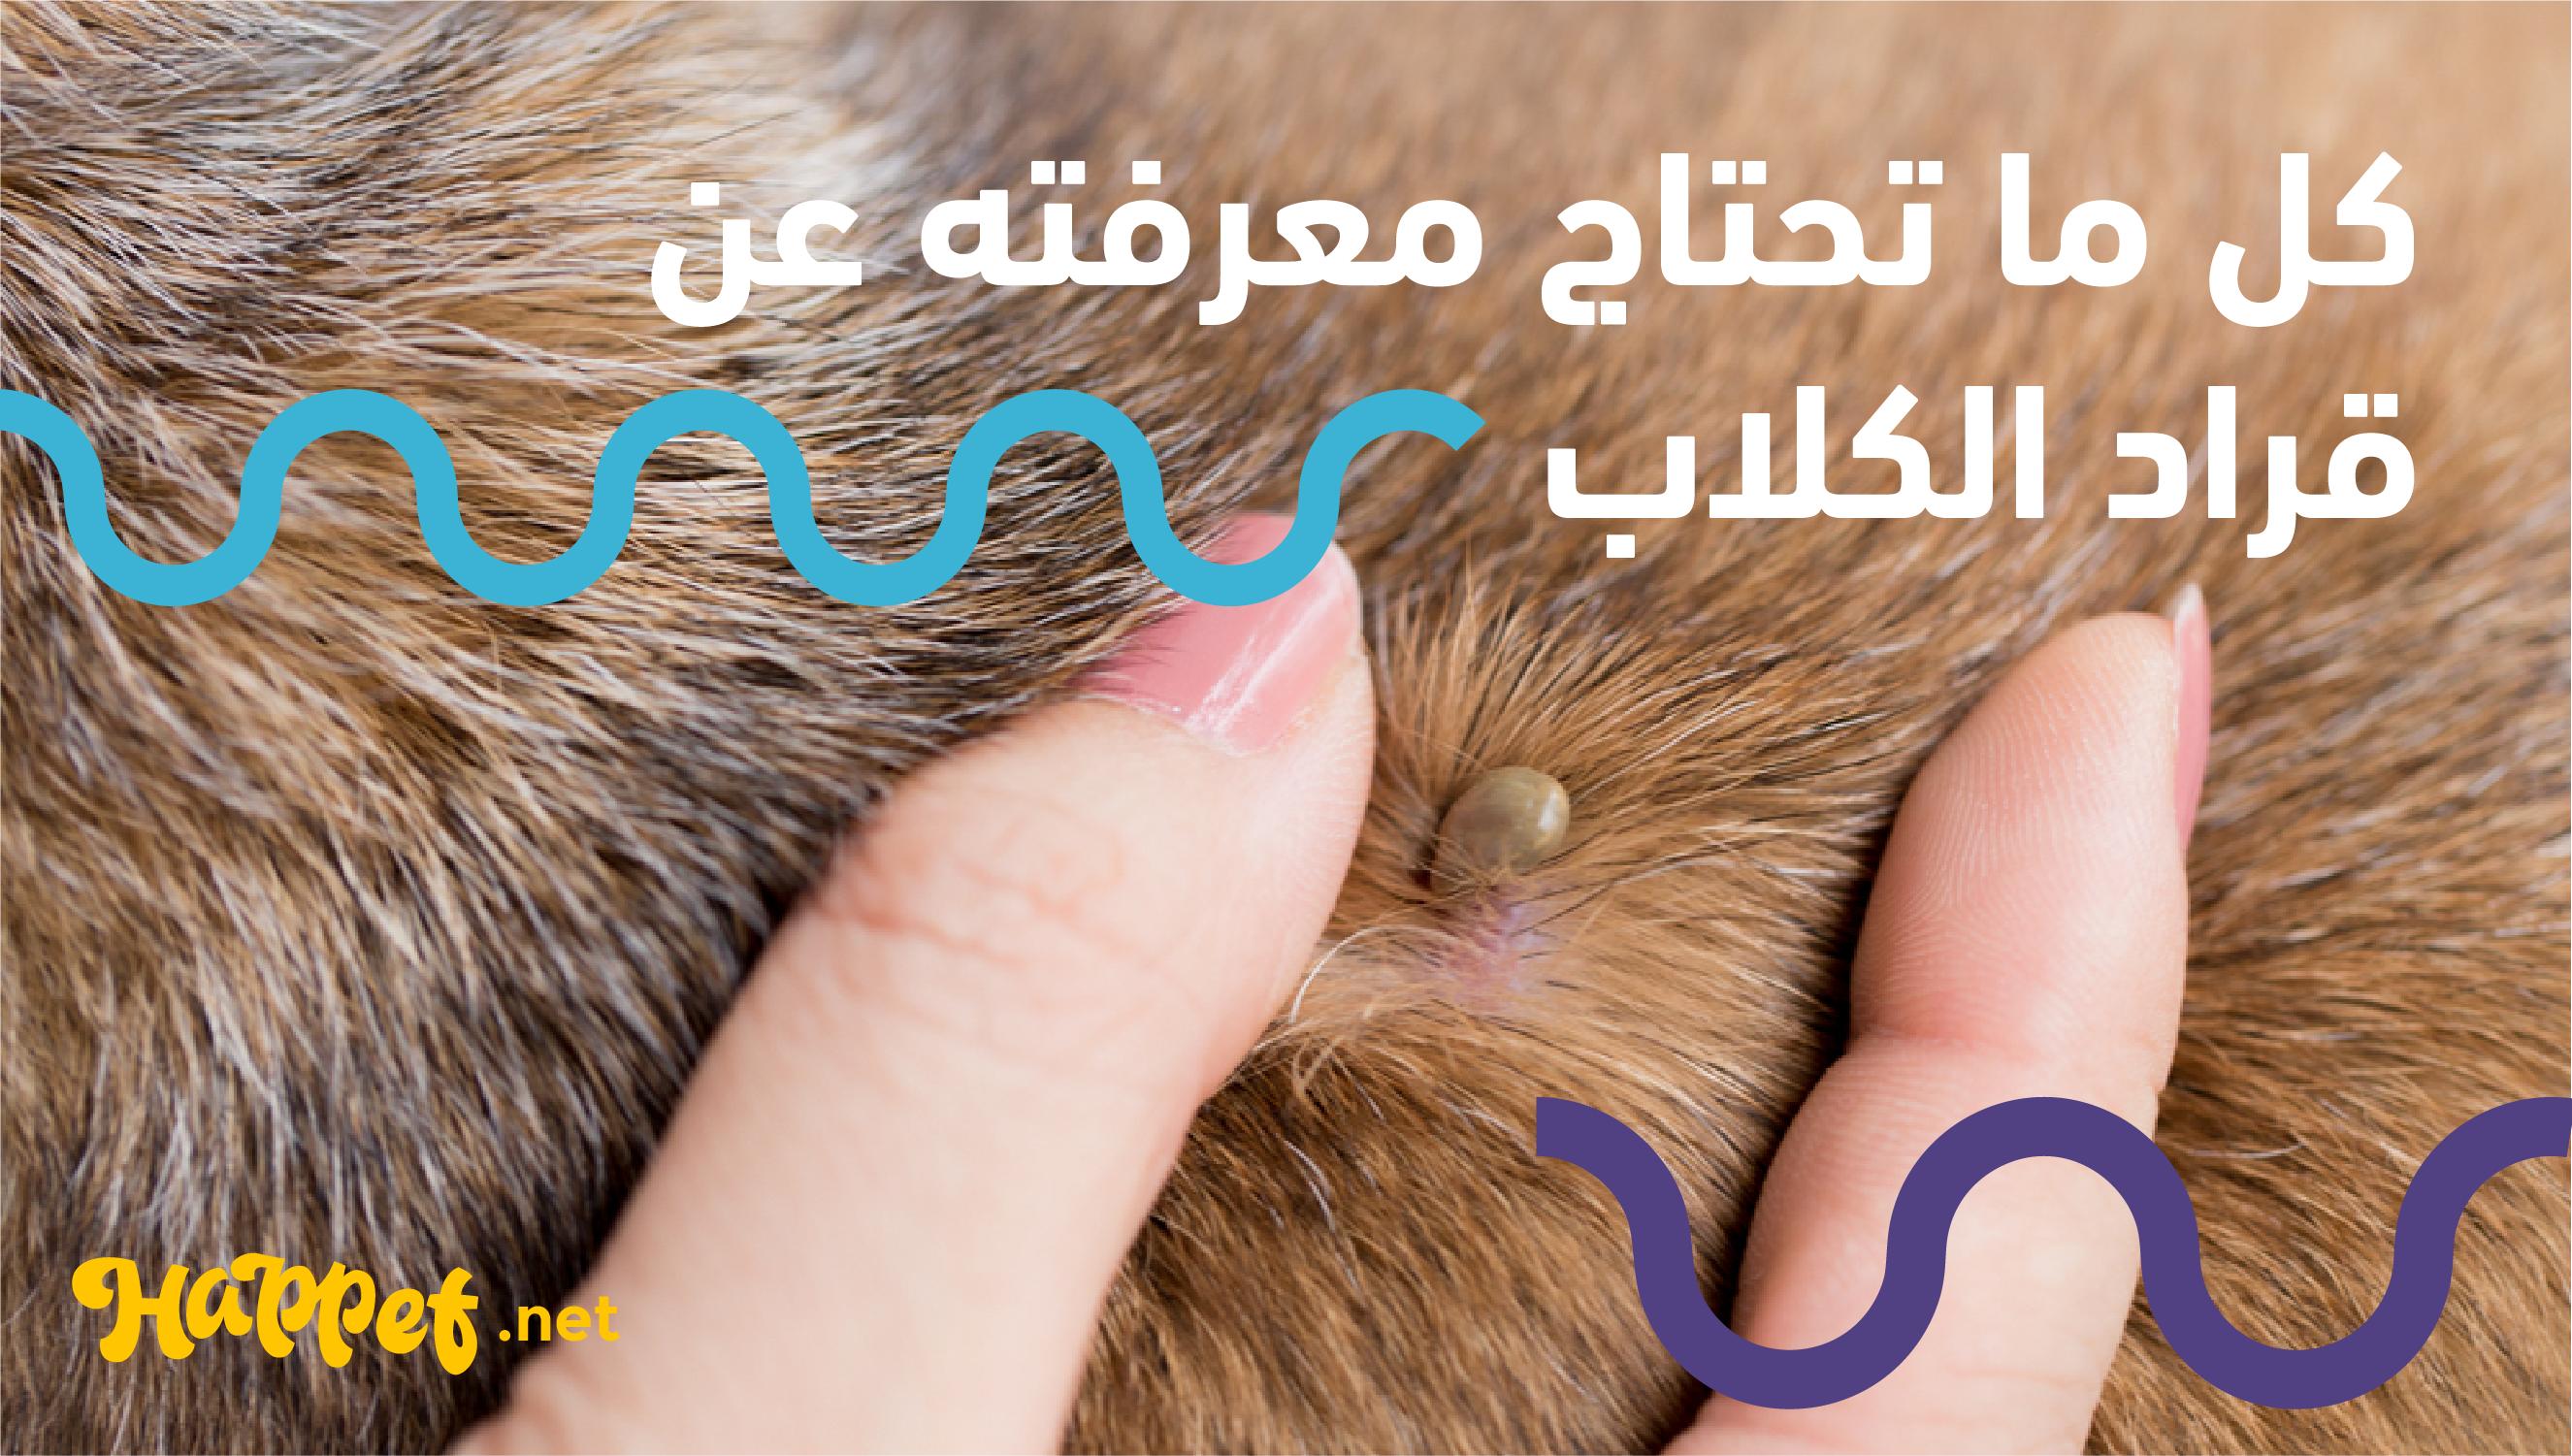 علاج القراد للكلاب دورة حياة قراد الكلاب دليل شامل عن حشرة القراد 2020 Happet